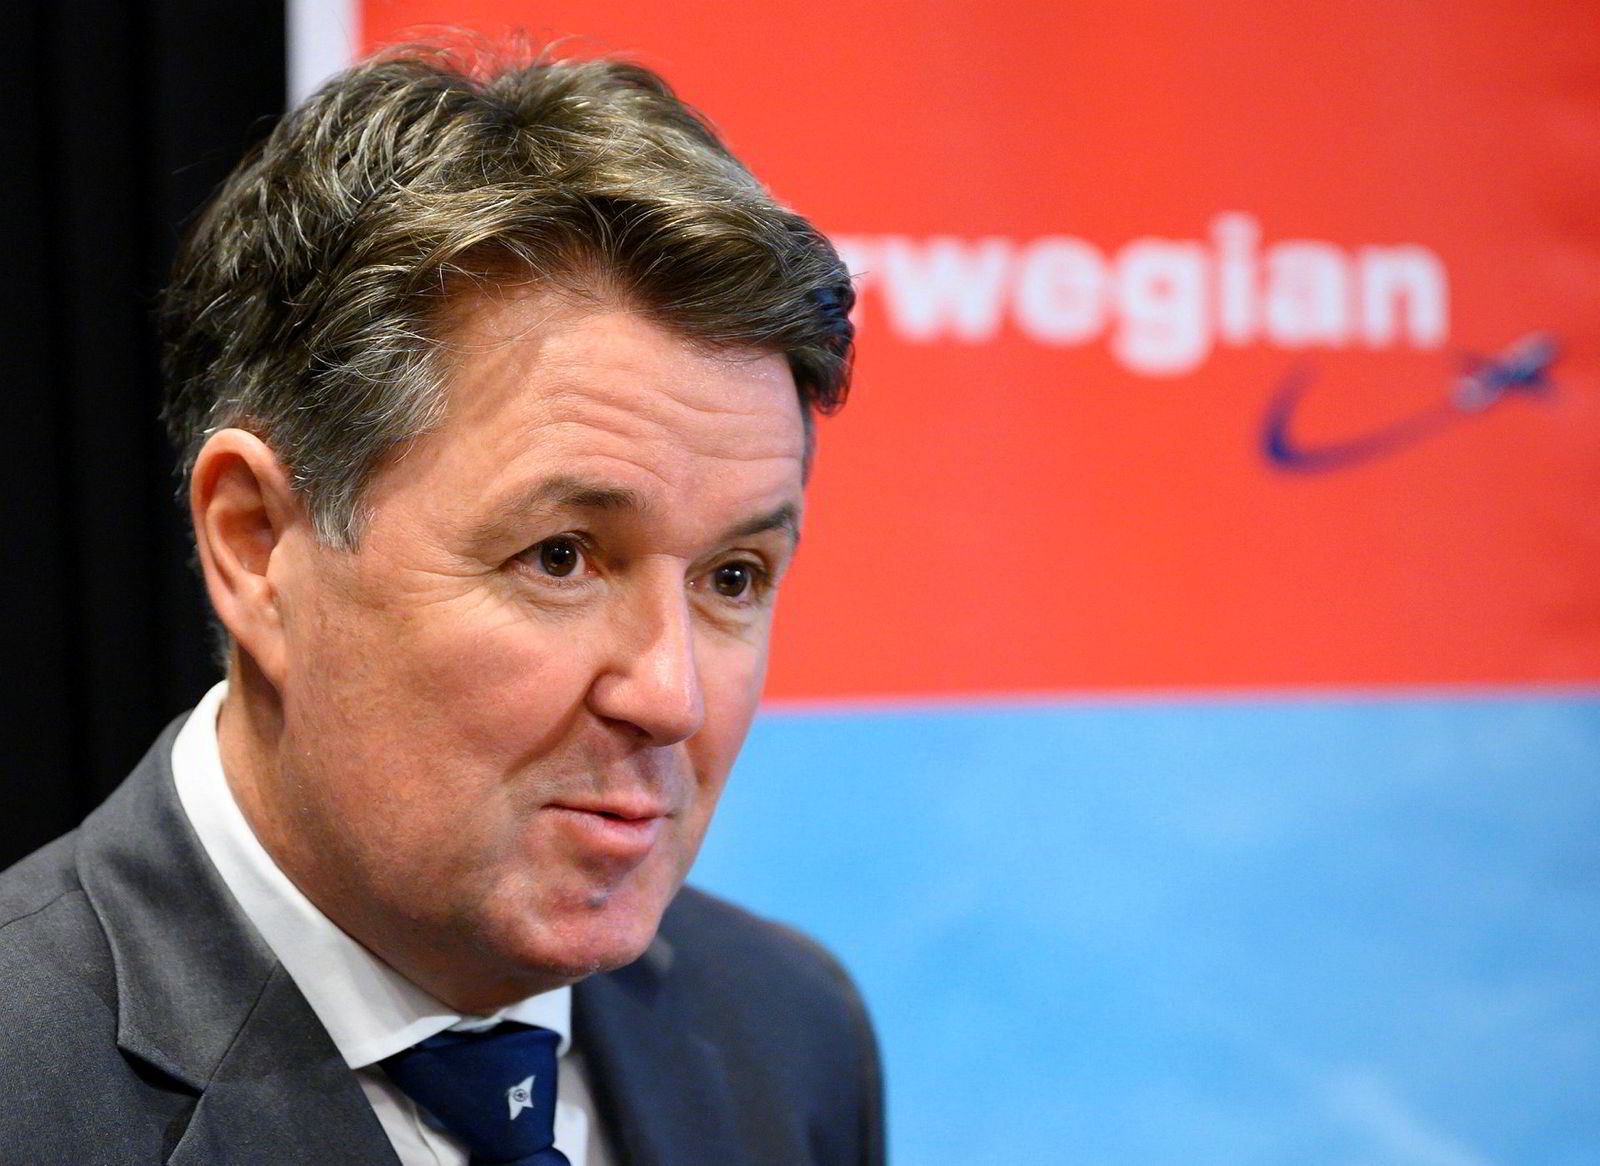 Norwegians finansdirektør Geir Karlsen leder forhandlingene med Boeing.